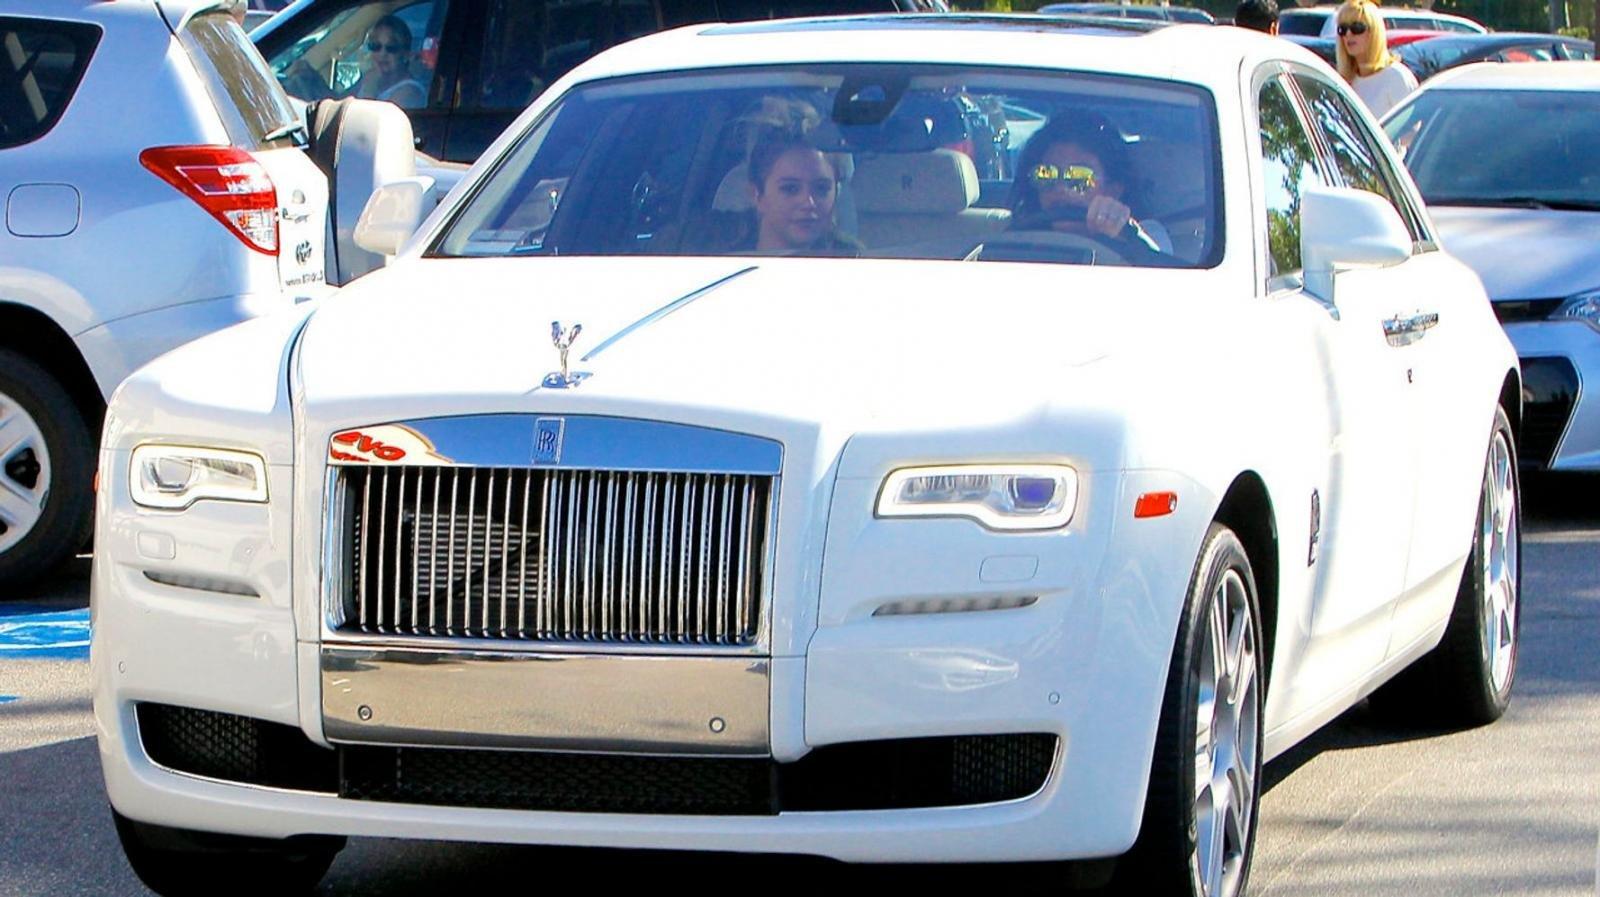 Chiếc Rolls Royce Ghost màu trắng sang trọng của Kylie Jenner,